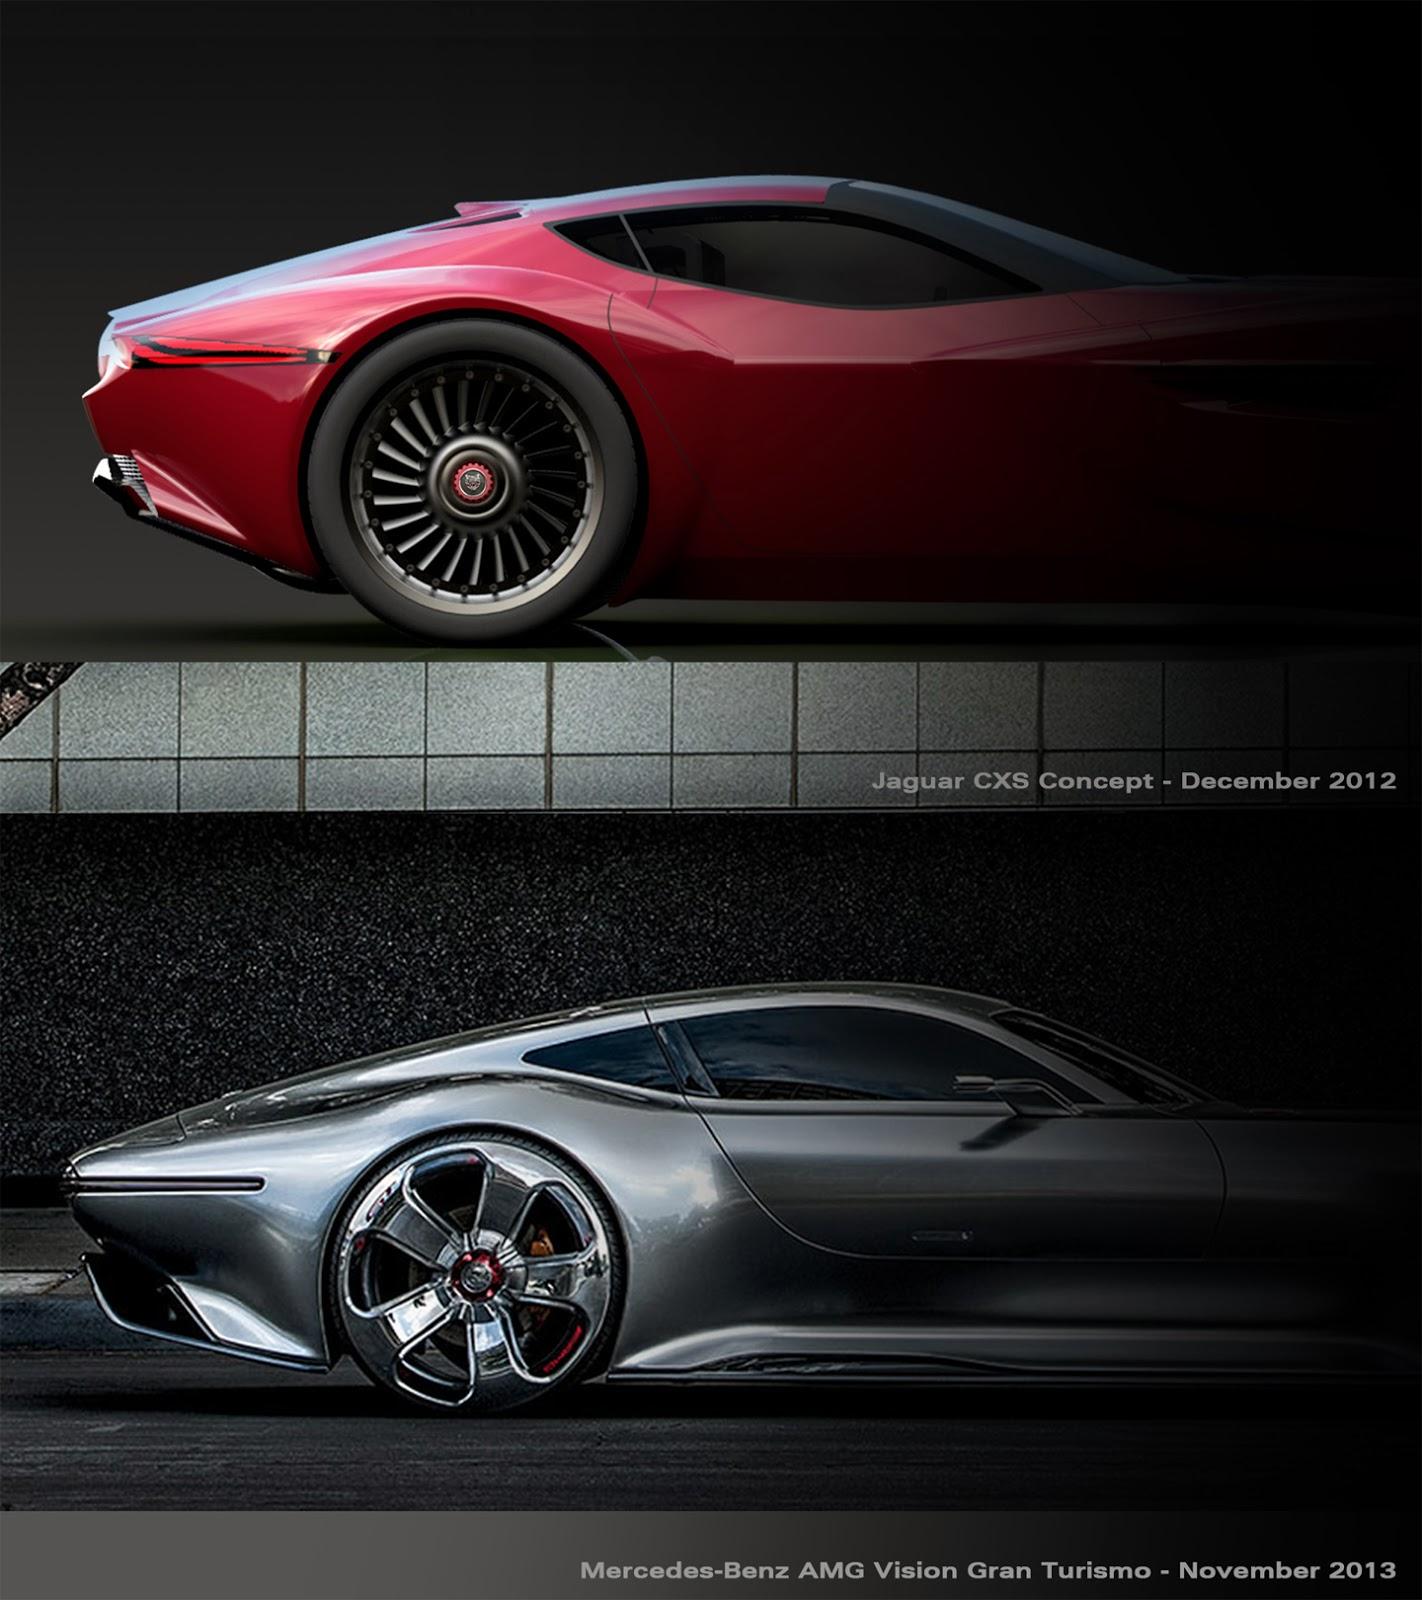 Jaguar Concept: David Cava Design: Jaguar CXS Concept Vs Mercedes-Benz AMG